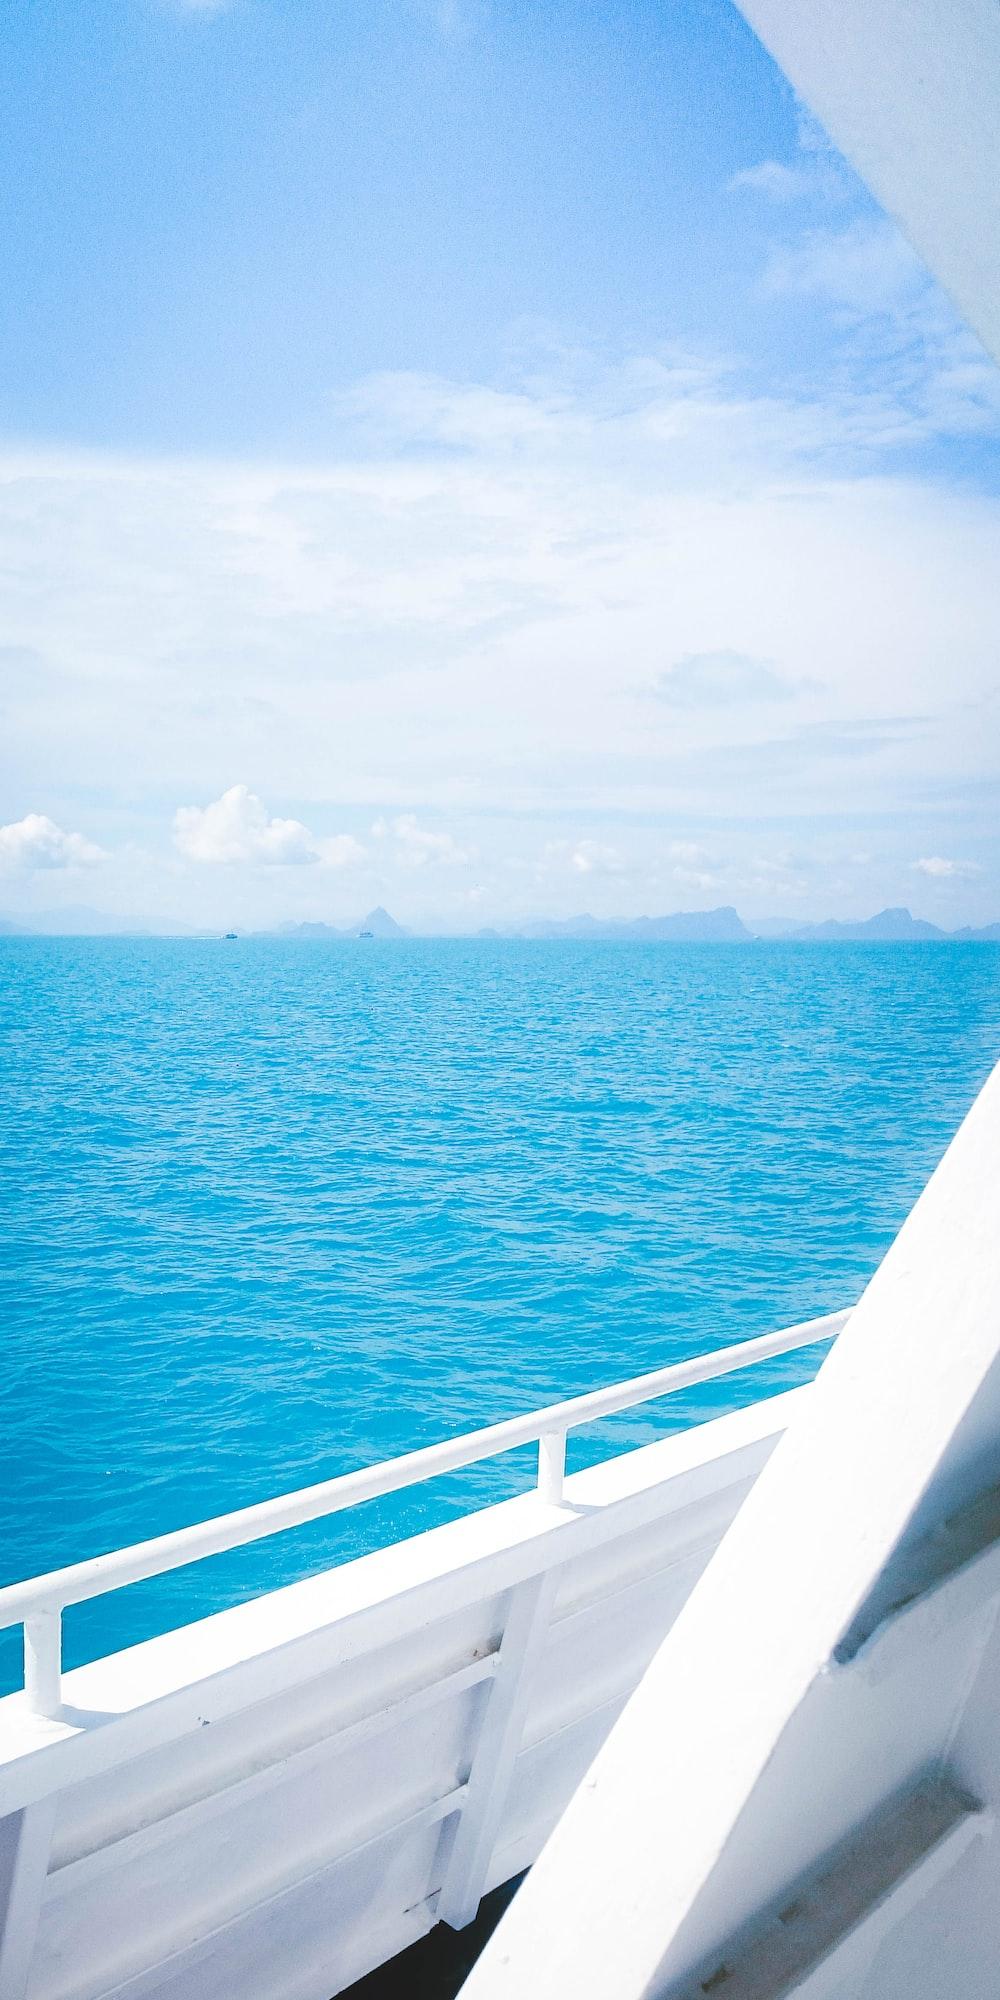 white boat voyaging on ocean during daytime